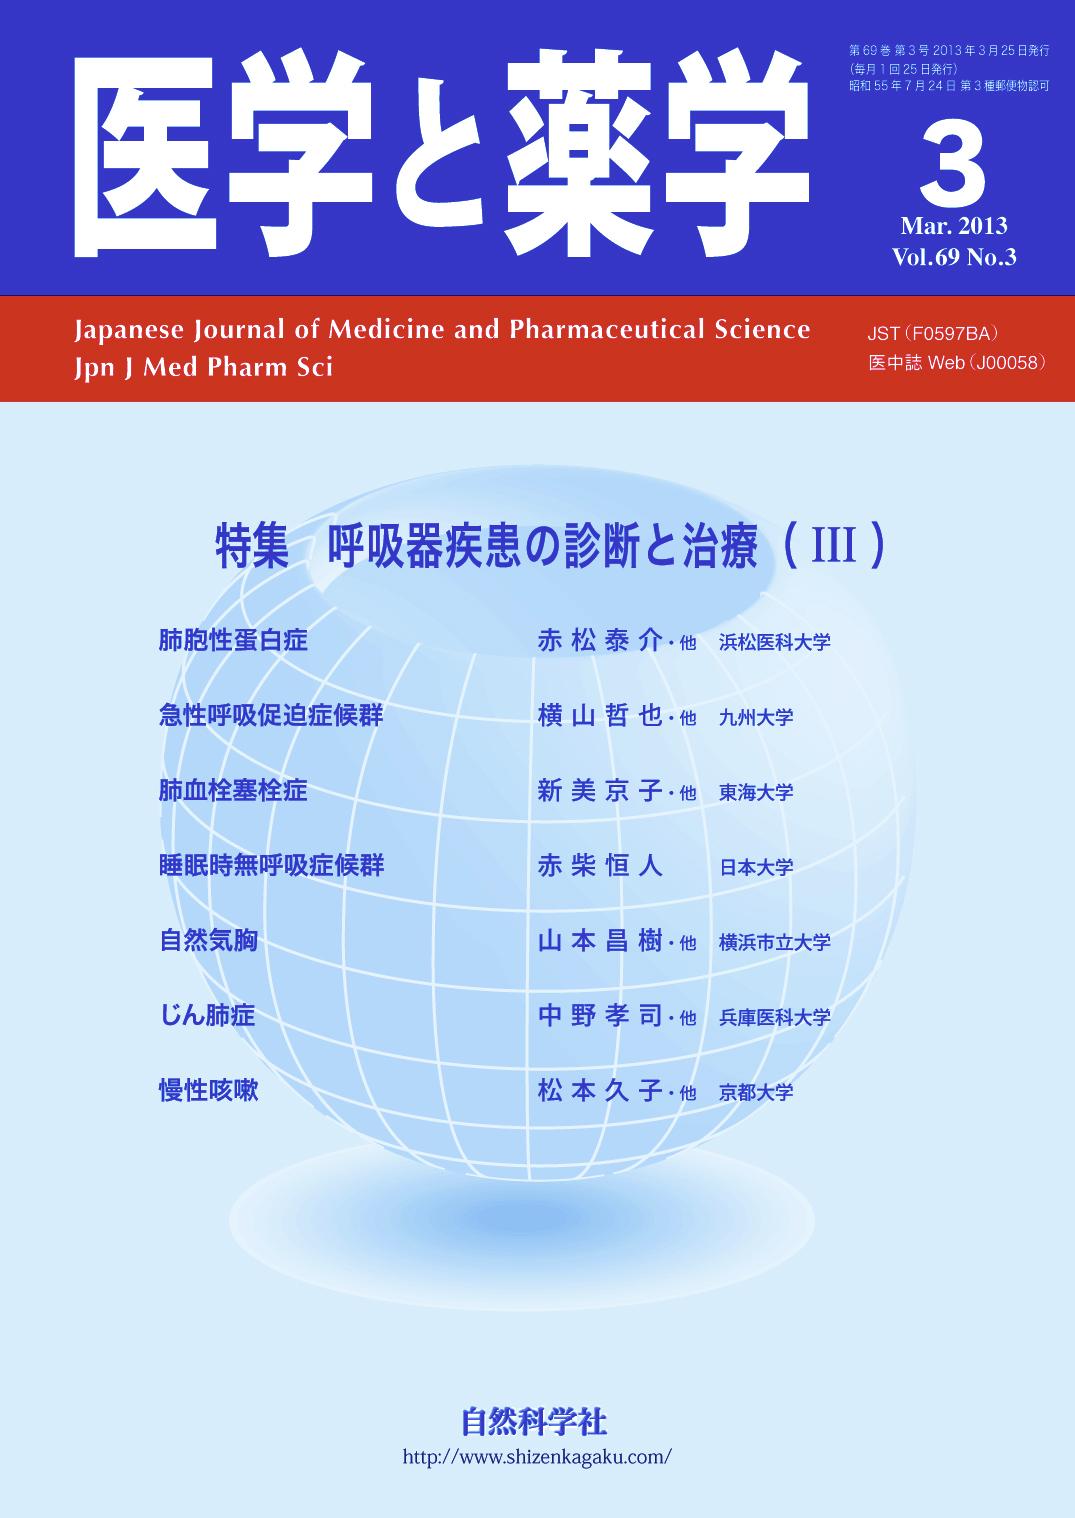 医学と薬学 69巻3号2013年3月